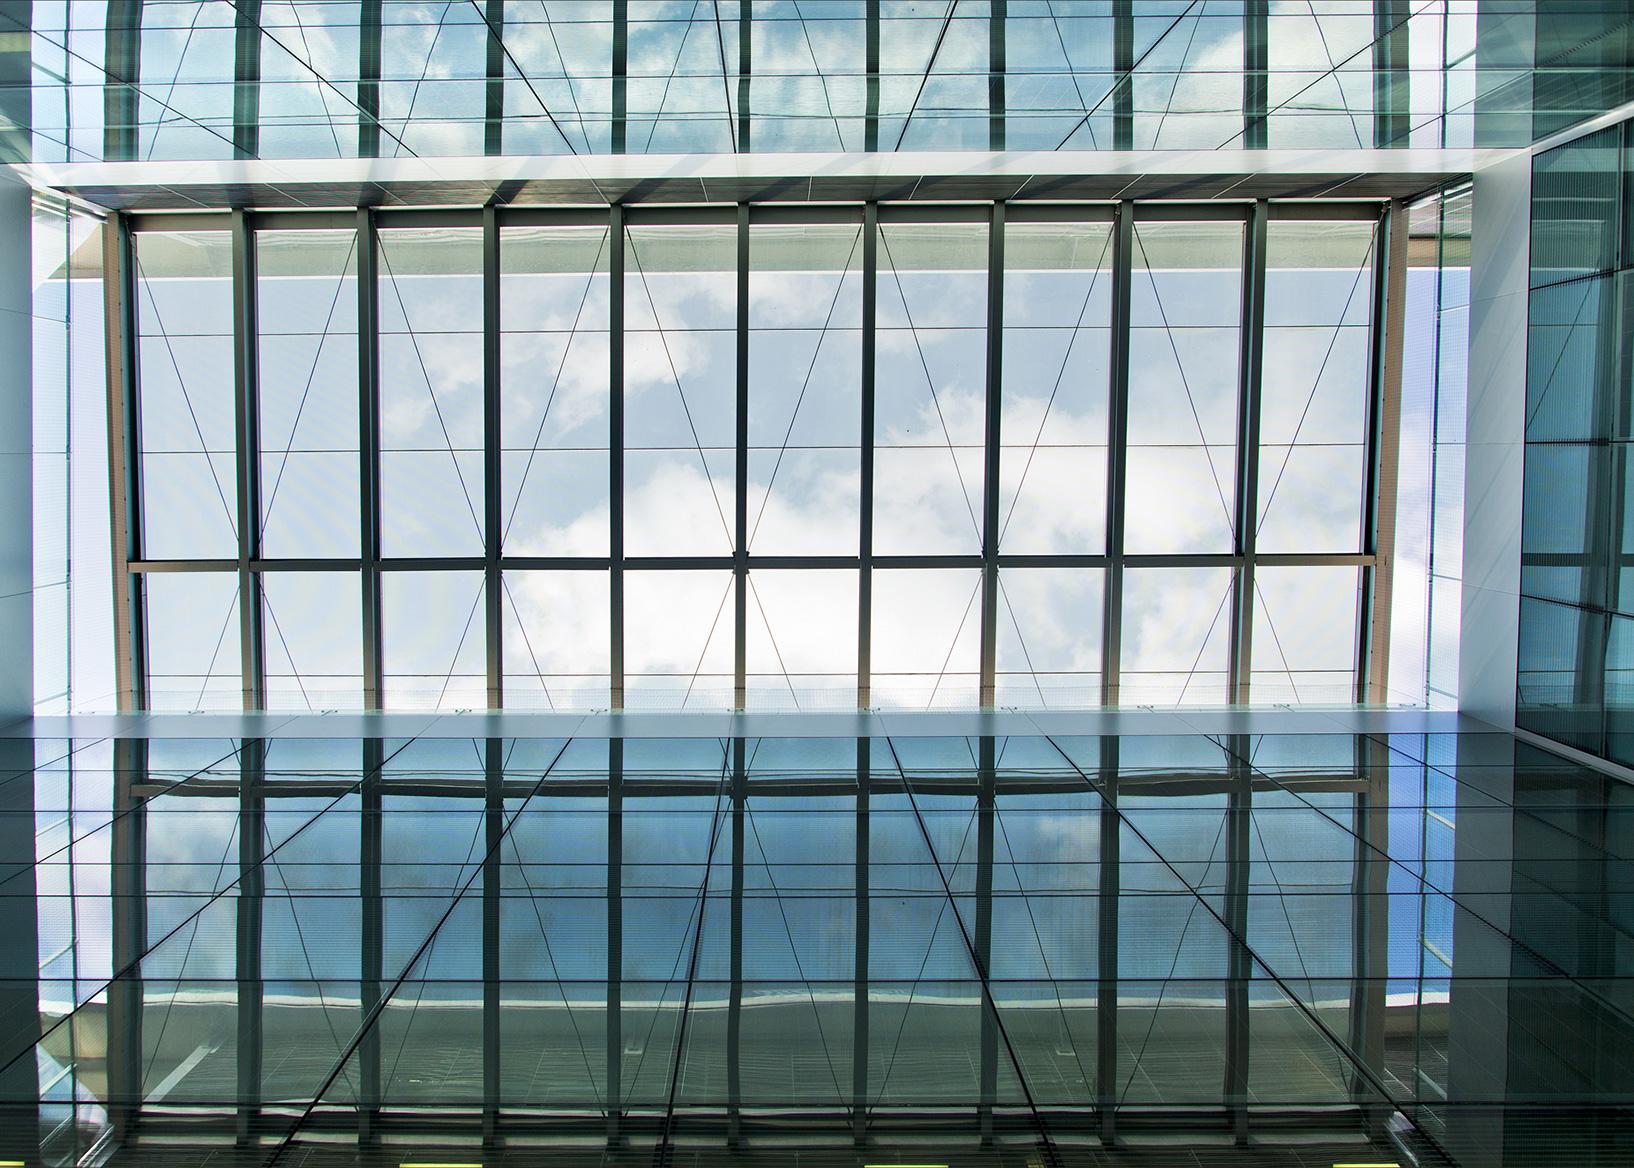 Binini Partners, Società di architettura e ingegneria